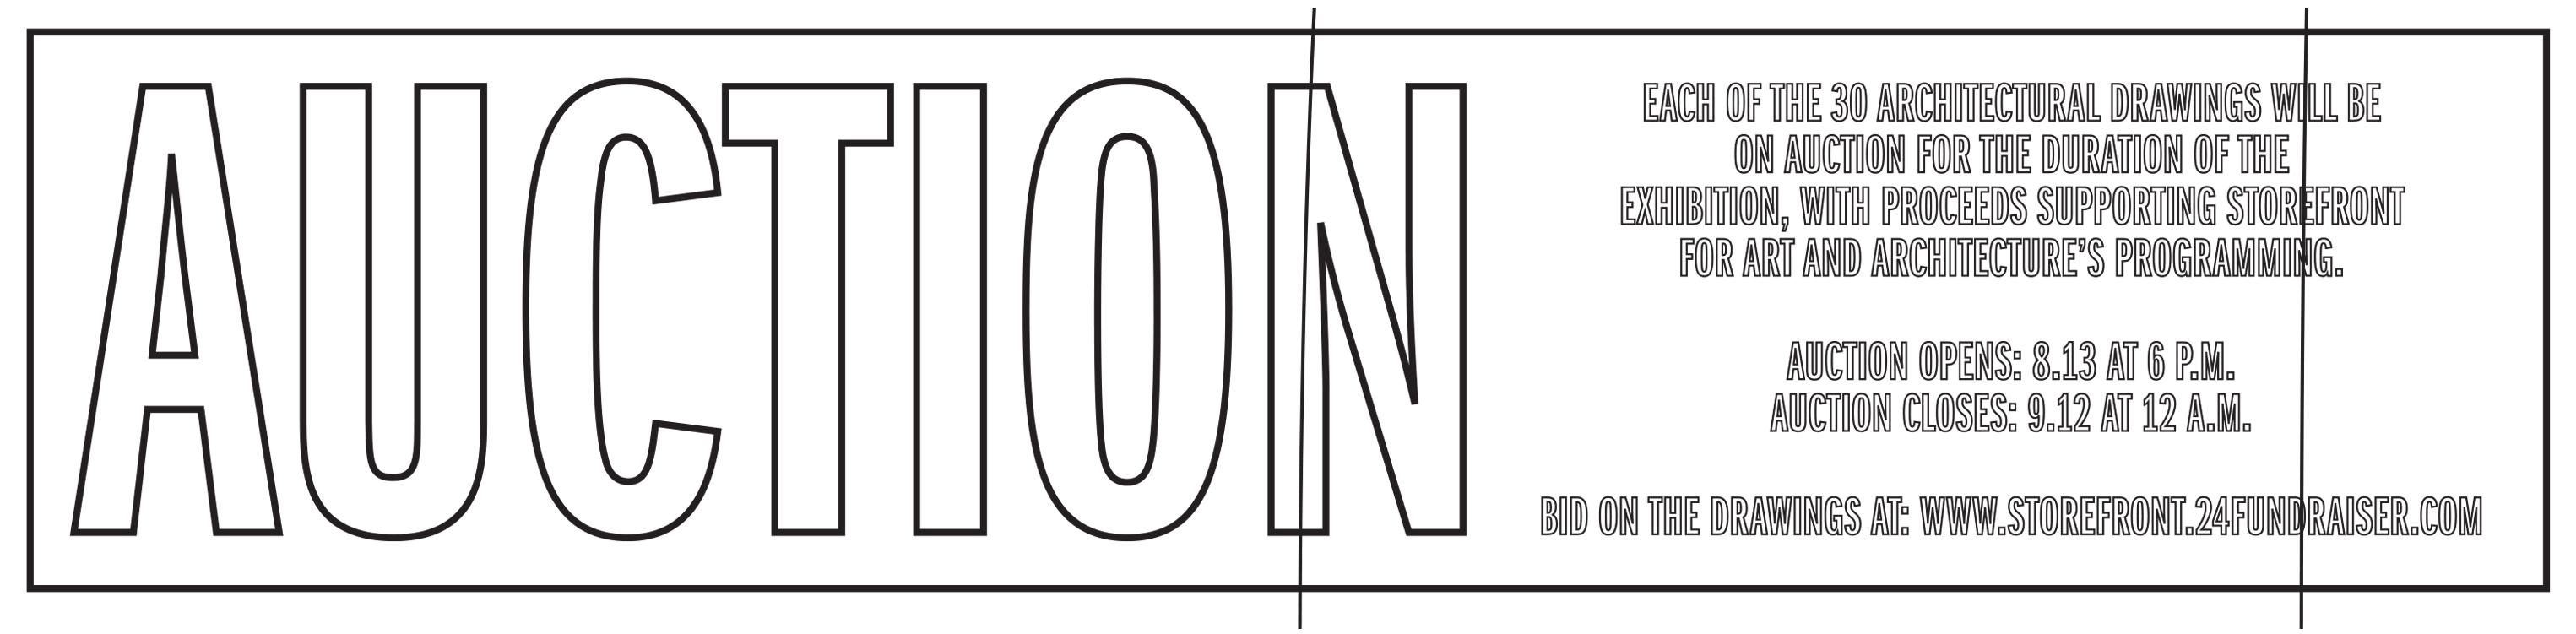 Auction_measure